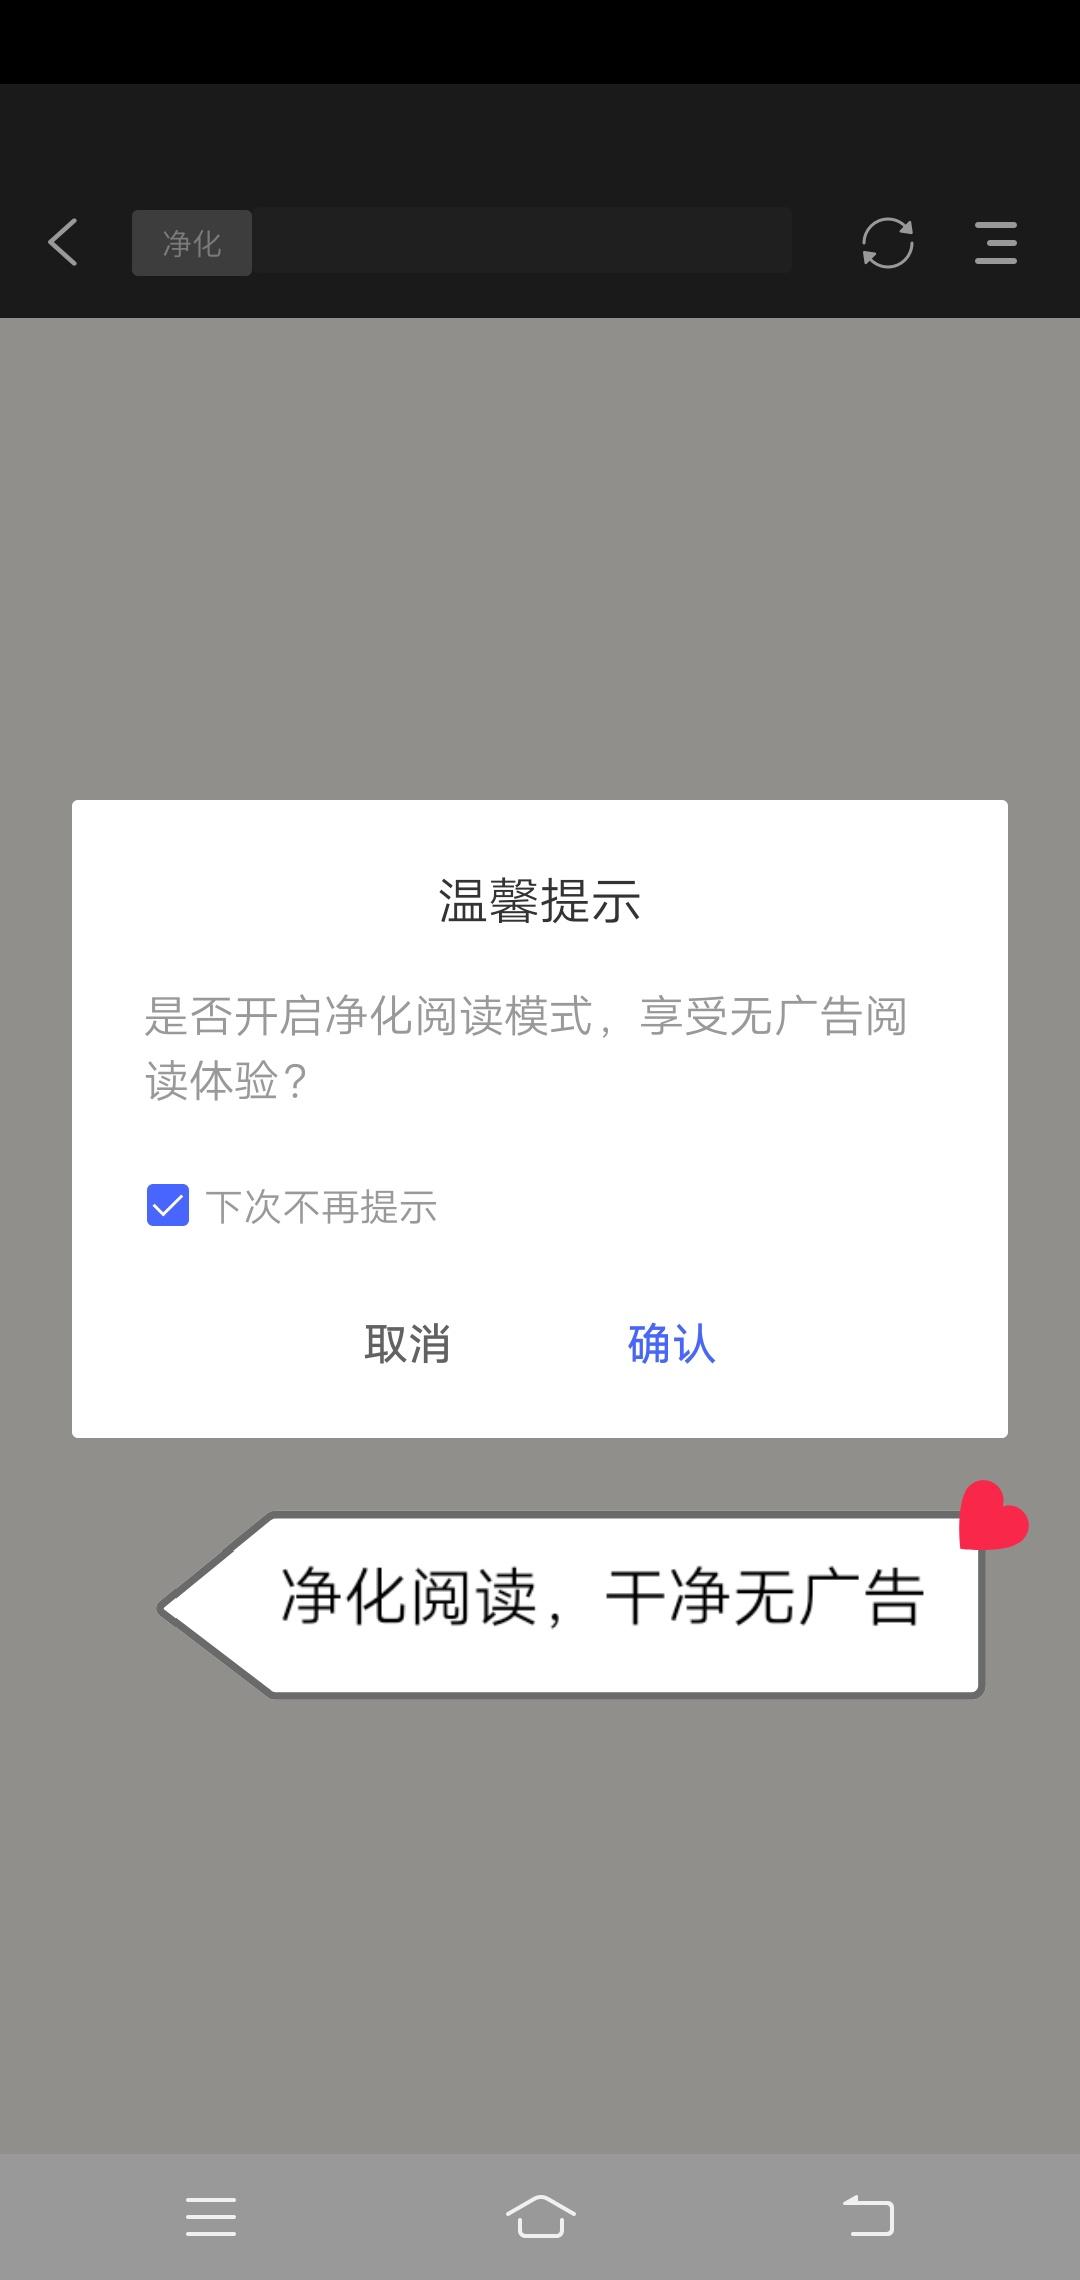 【资源分享】搜书快读小说/ v1.43免费小说软件